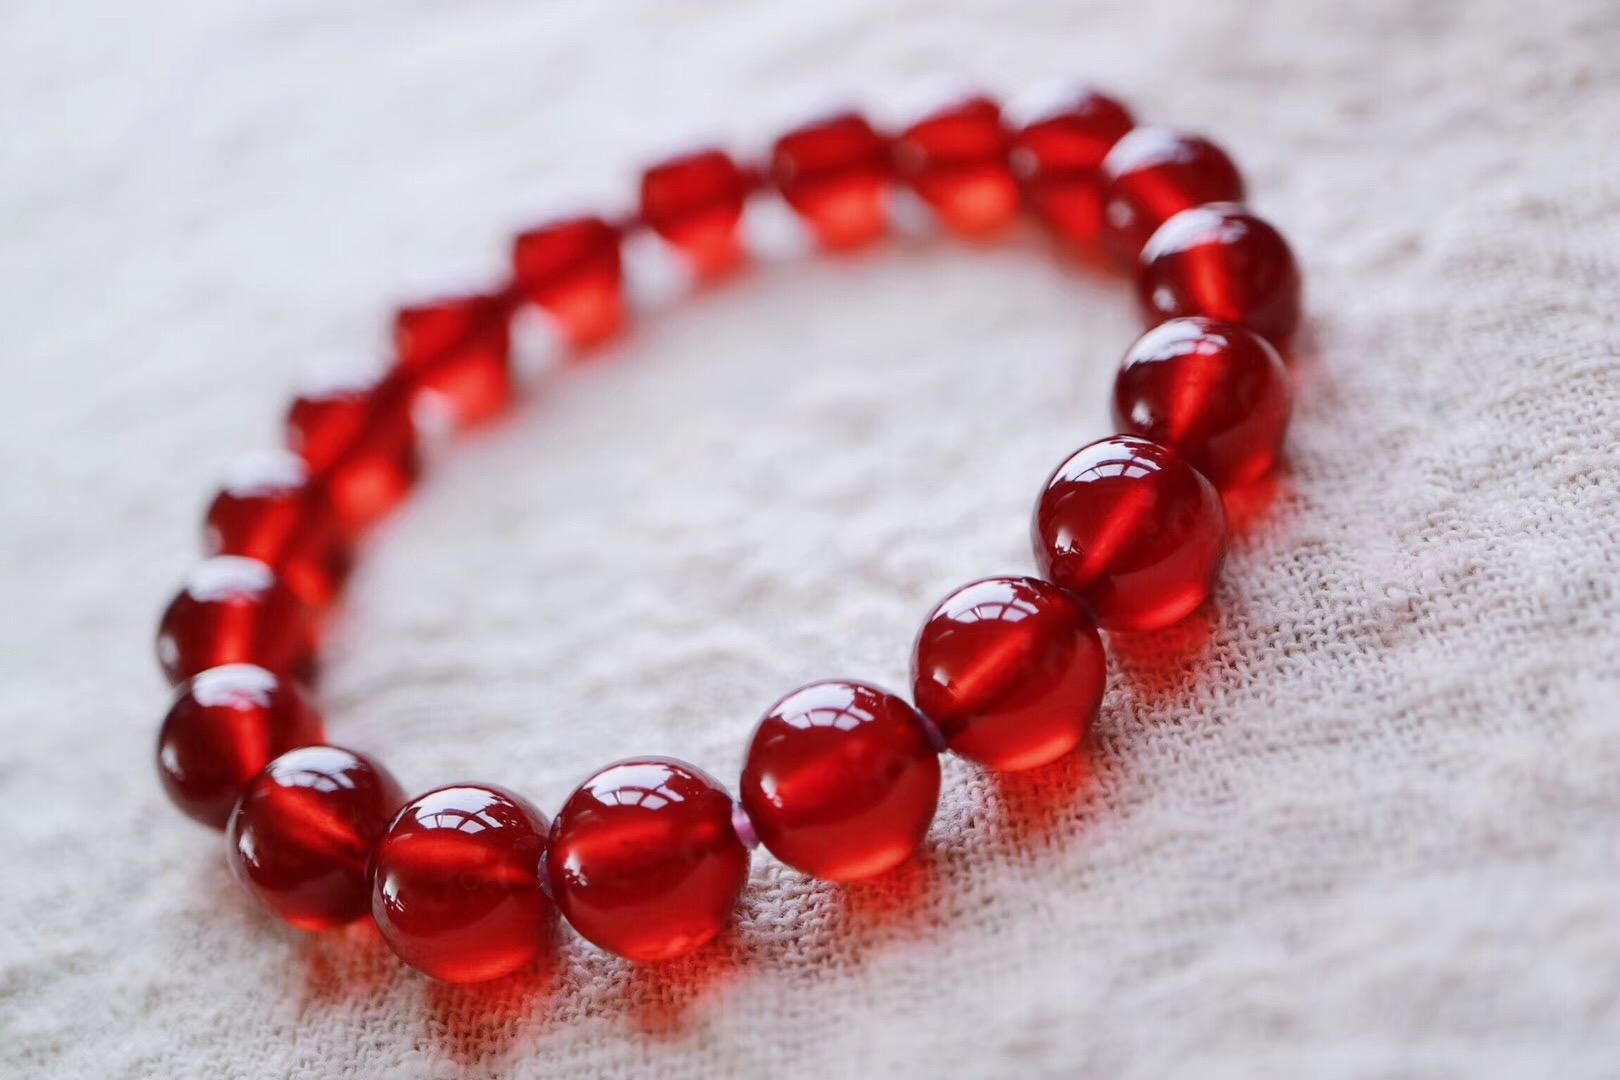 【菩心橙红石榴石】精选两条超级透亮的顶级美物,一条自留,一条送妈妈-菩心晶舍